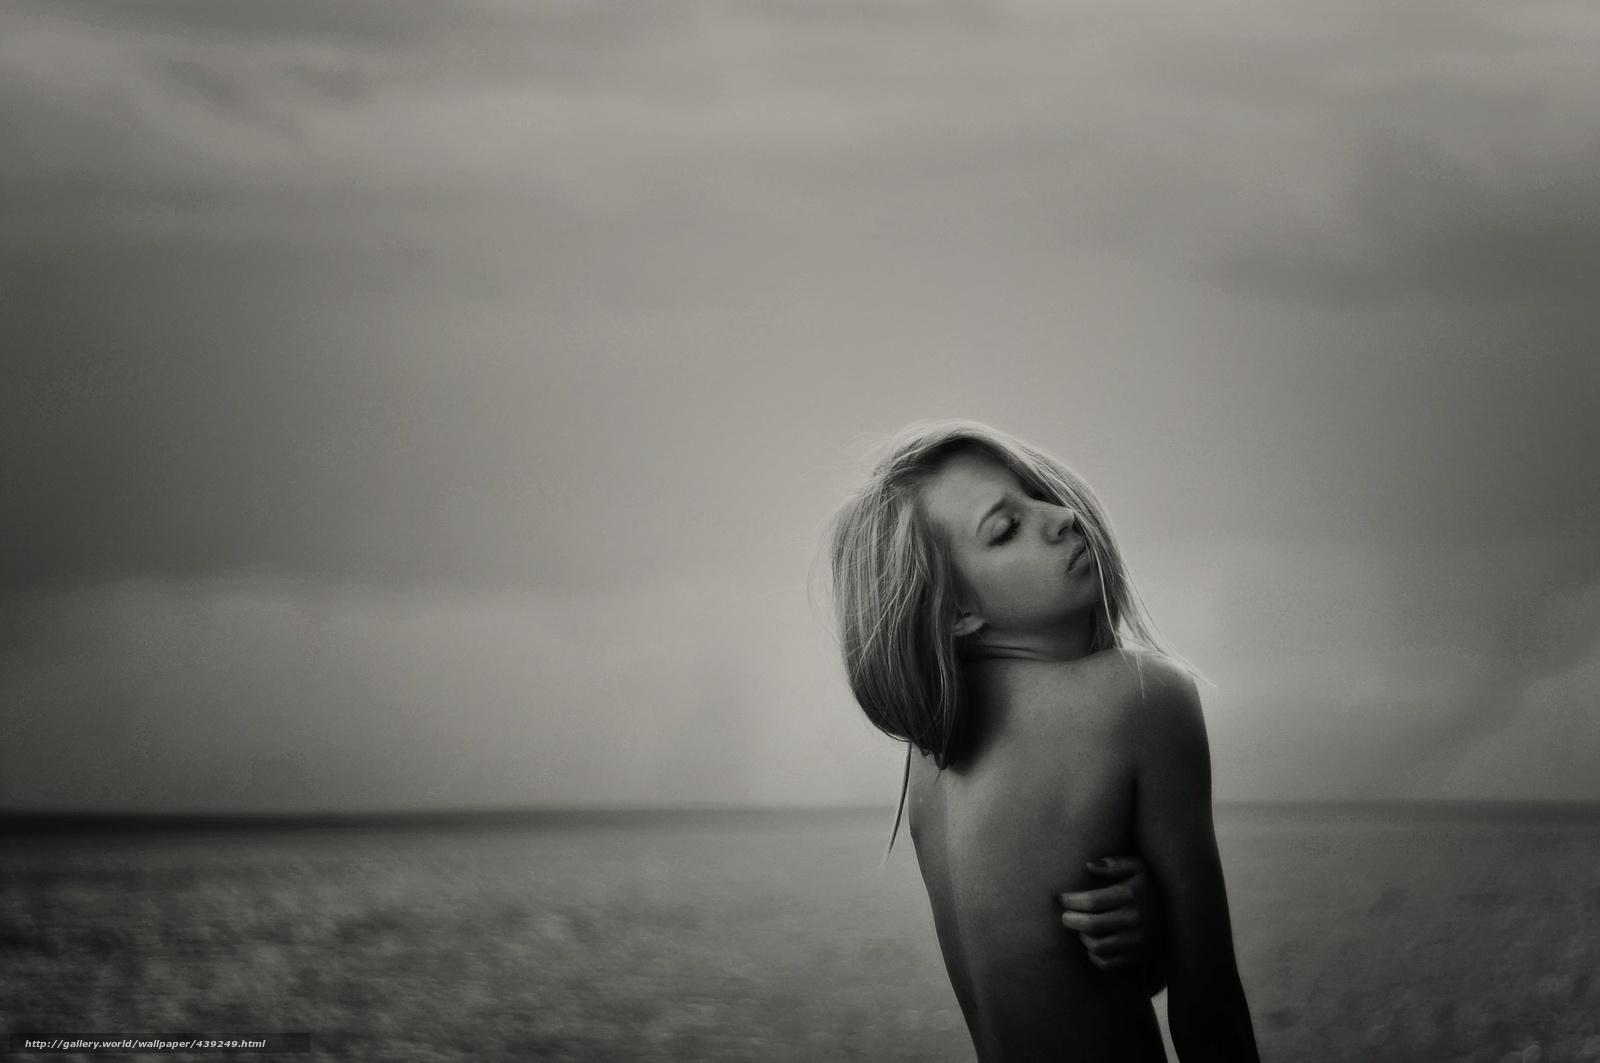 черно белые фотографии девушек: